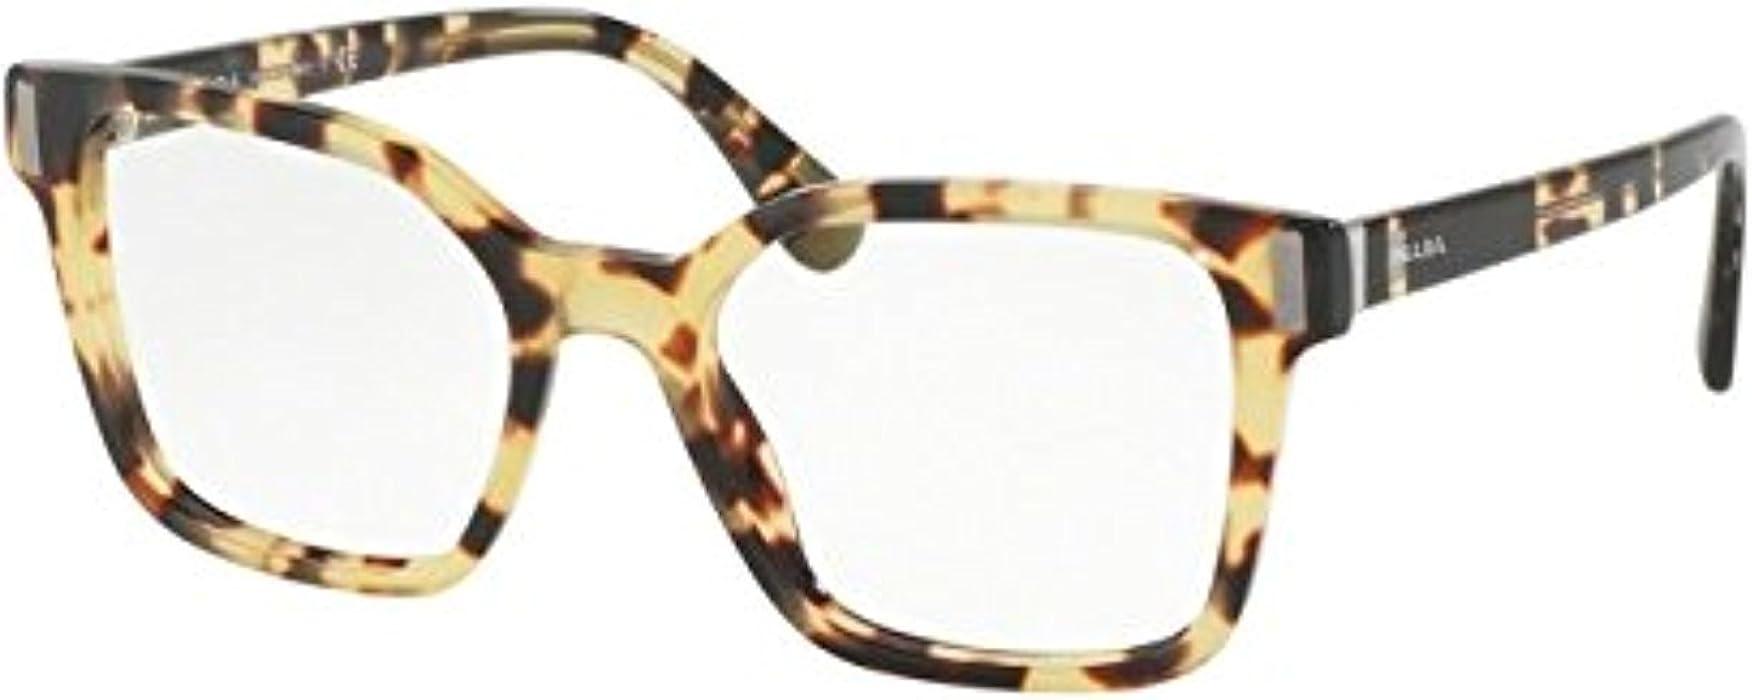 8ecde9ee028 Prada PR05TVF Eyeglass Frames 7S01O1-52 - Medium Havana PR05TVF-7S01O1-52